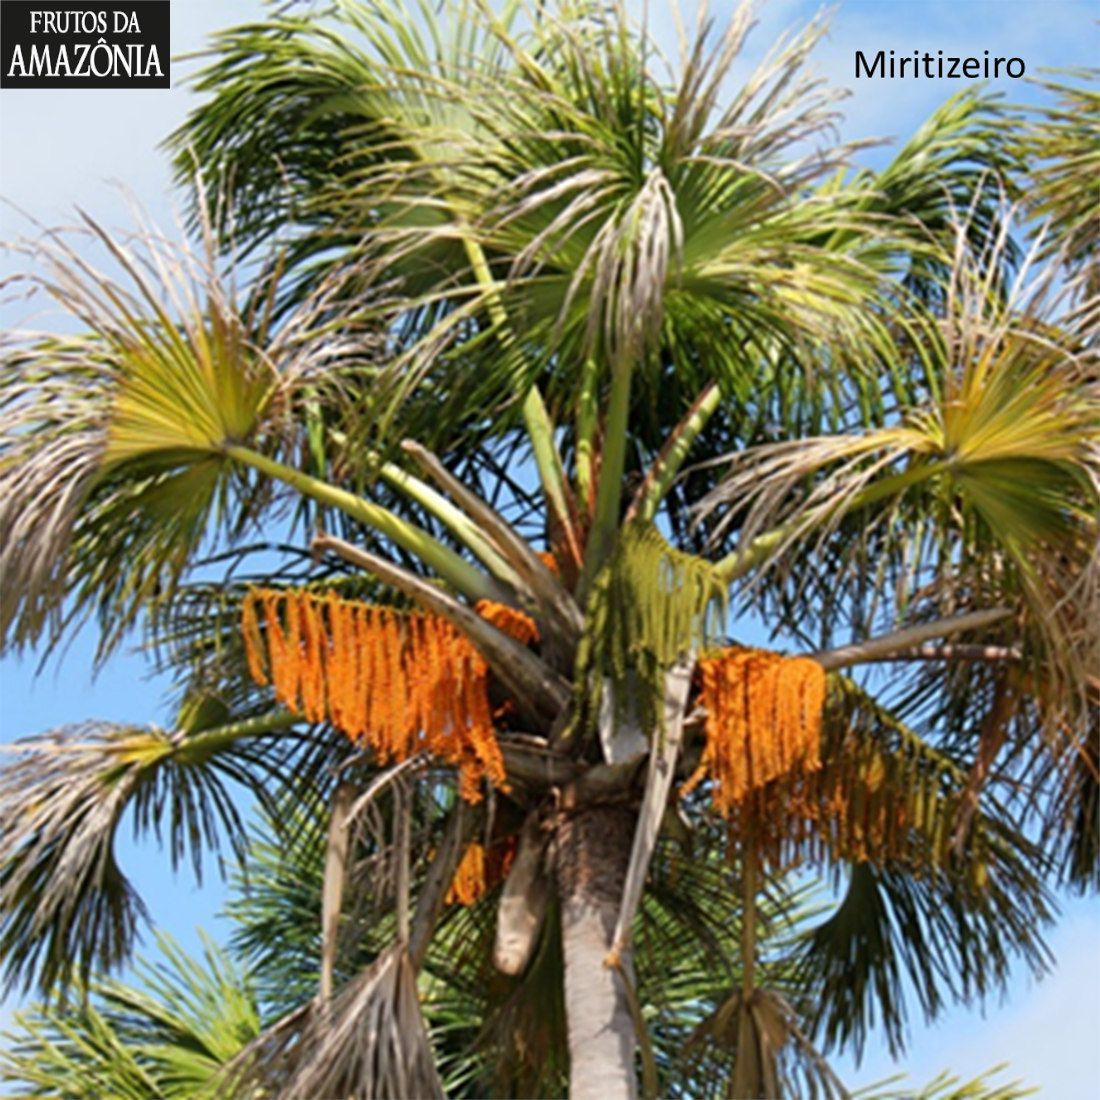 Kit Agarradinhos de Miriti  - Frutos da Amazônia